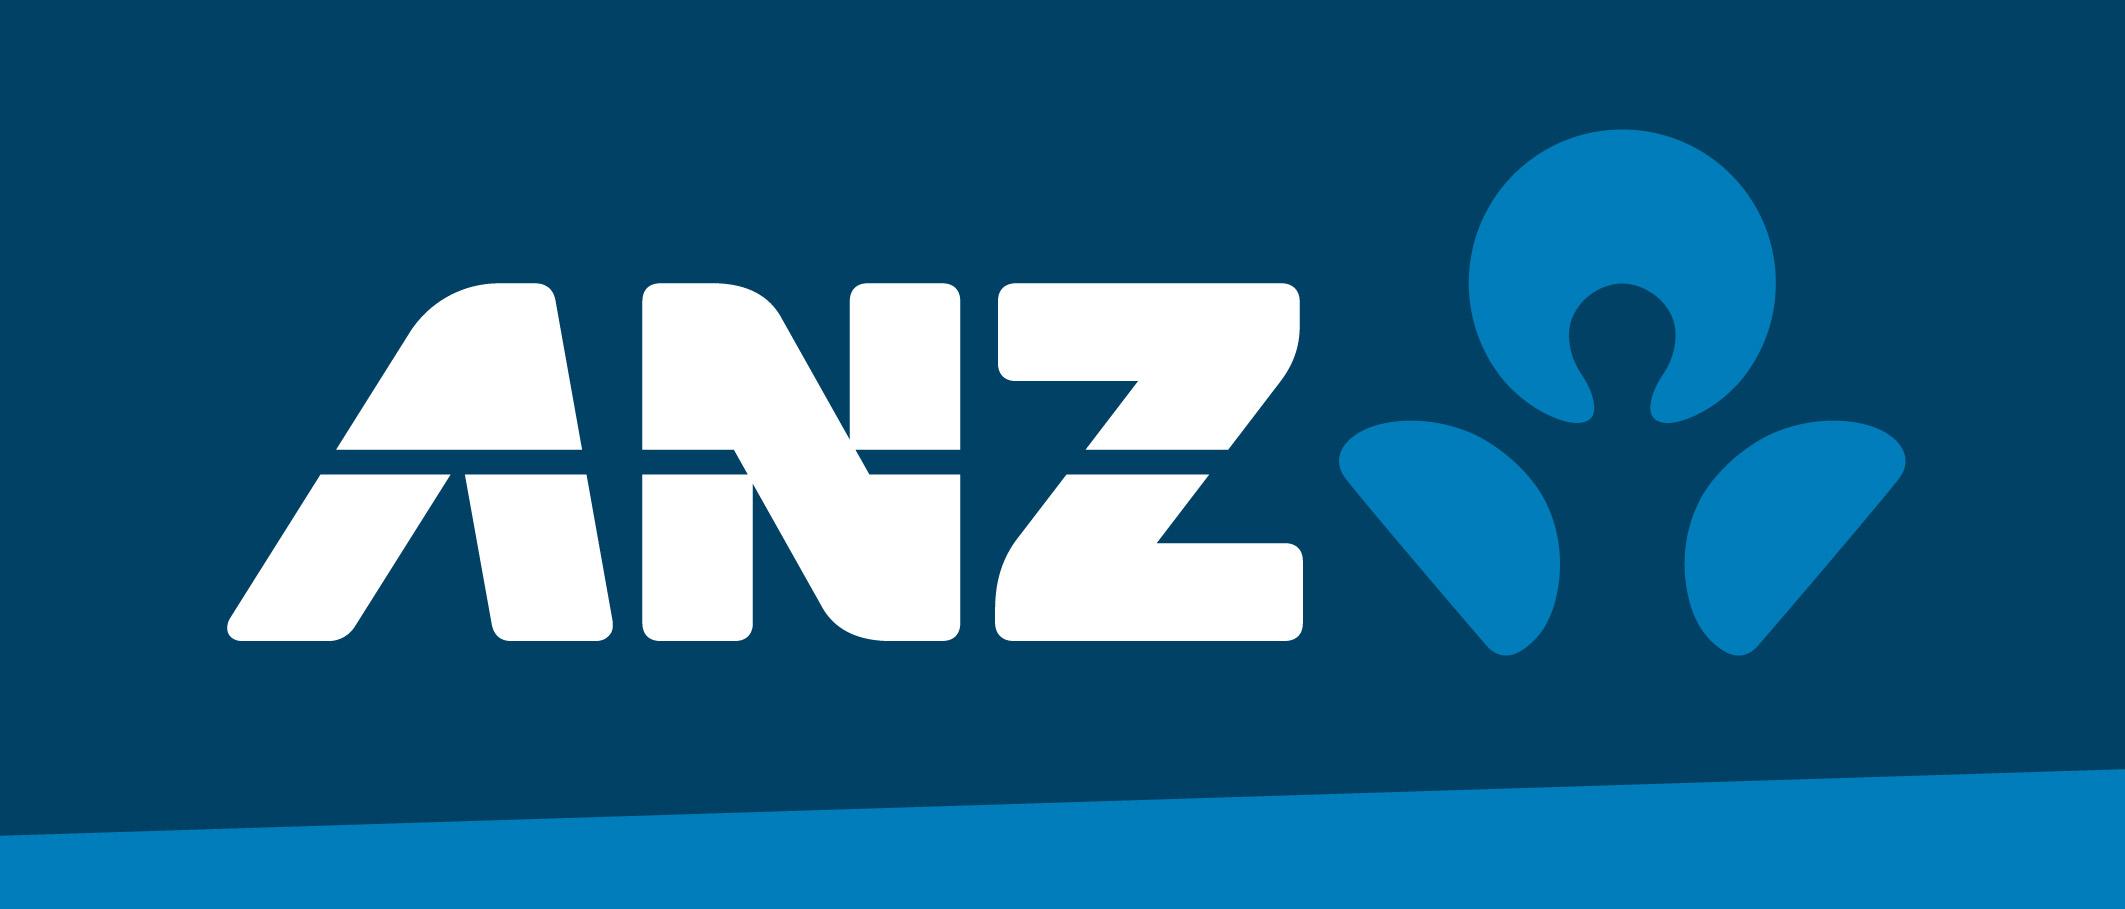 ANZ new.jpg